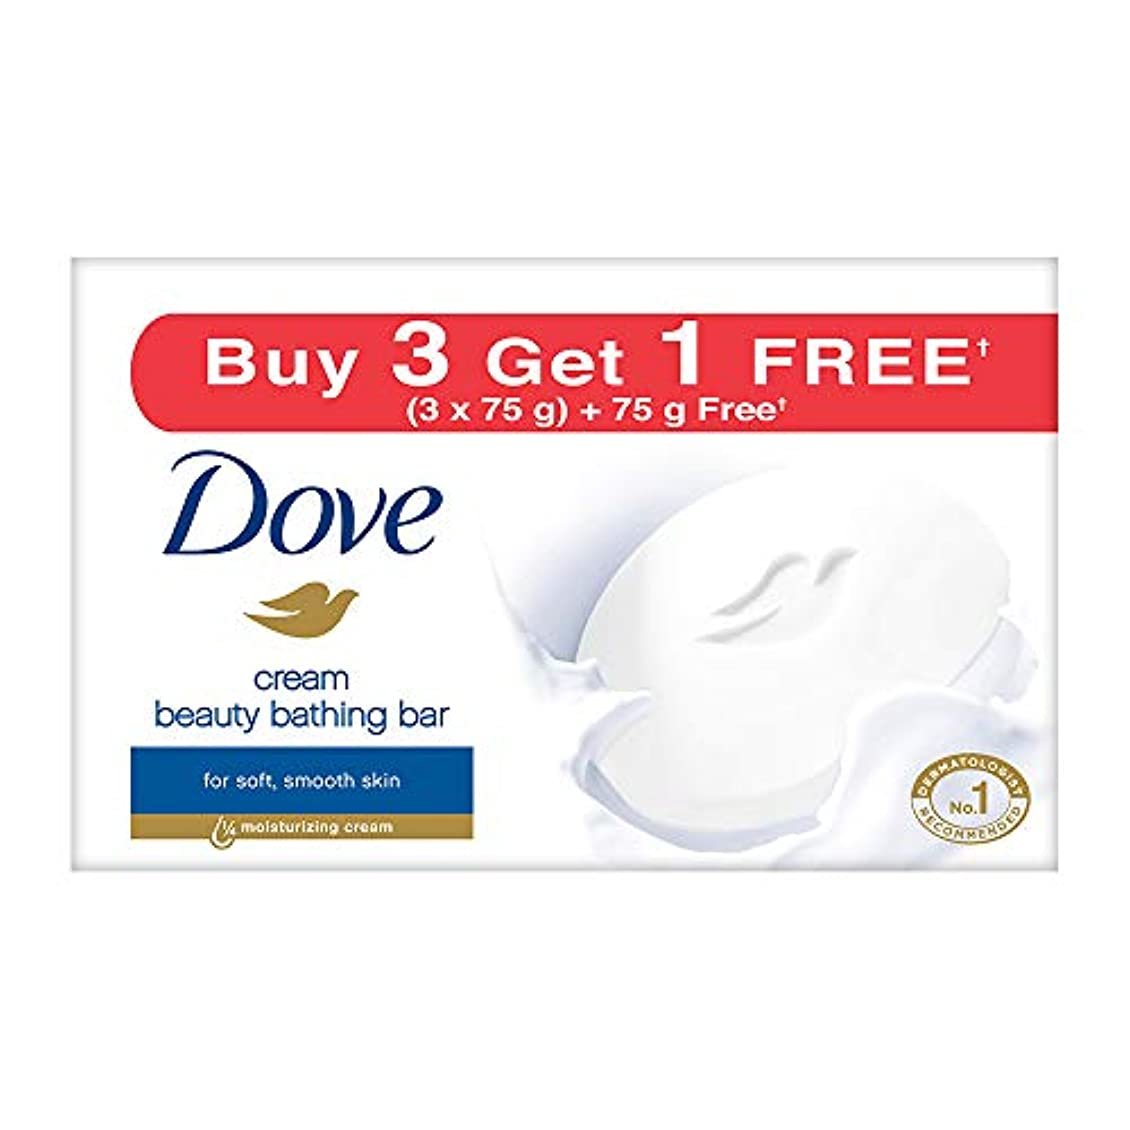 性交時系列フォーラムDove Cream Beauty Bathing Bar, 4x75g